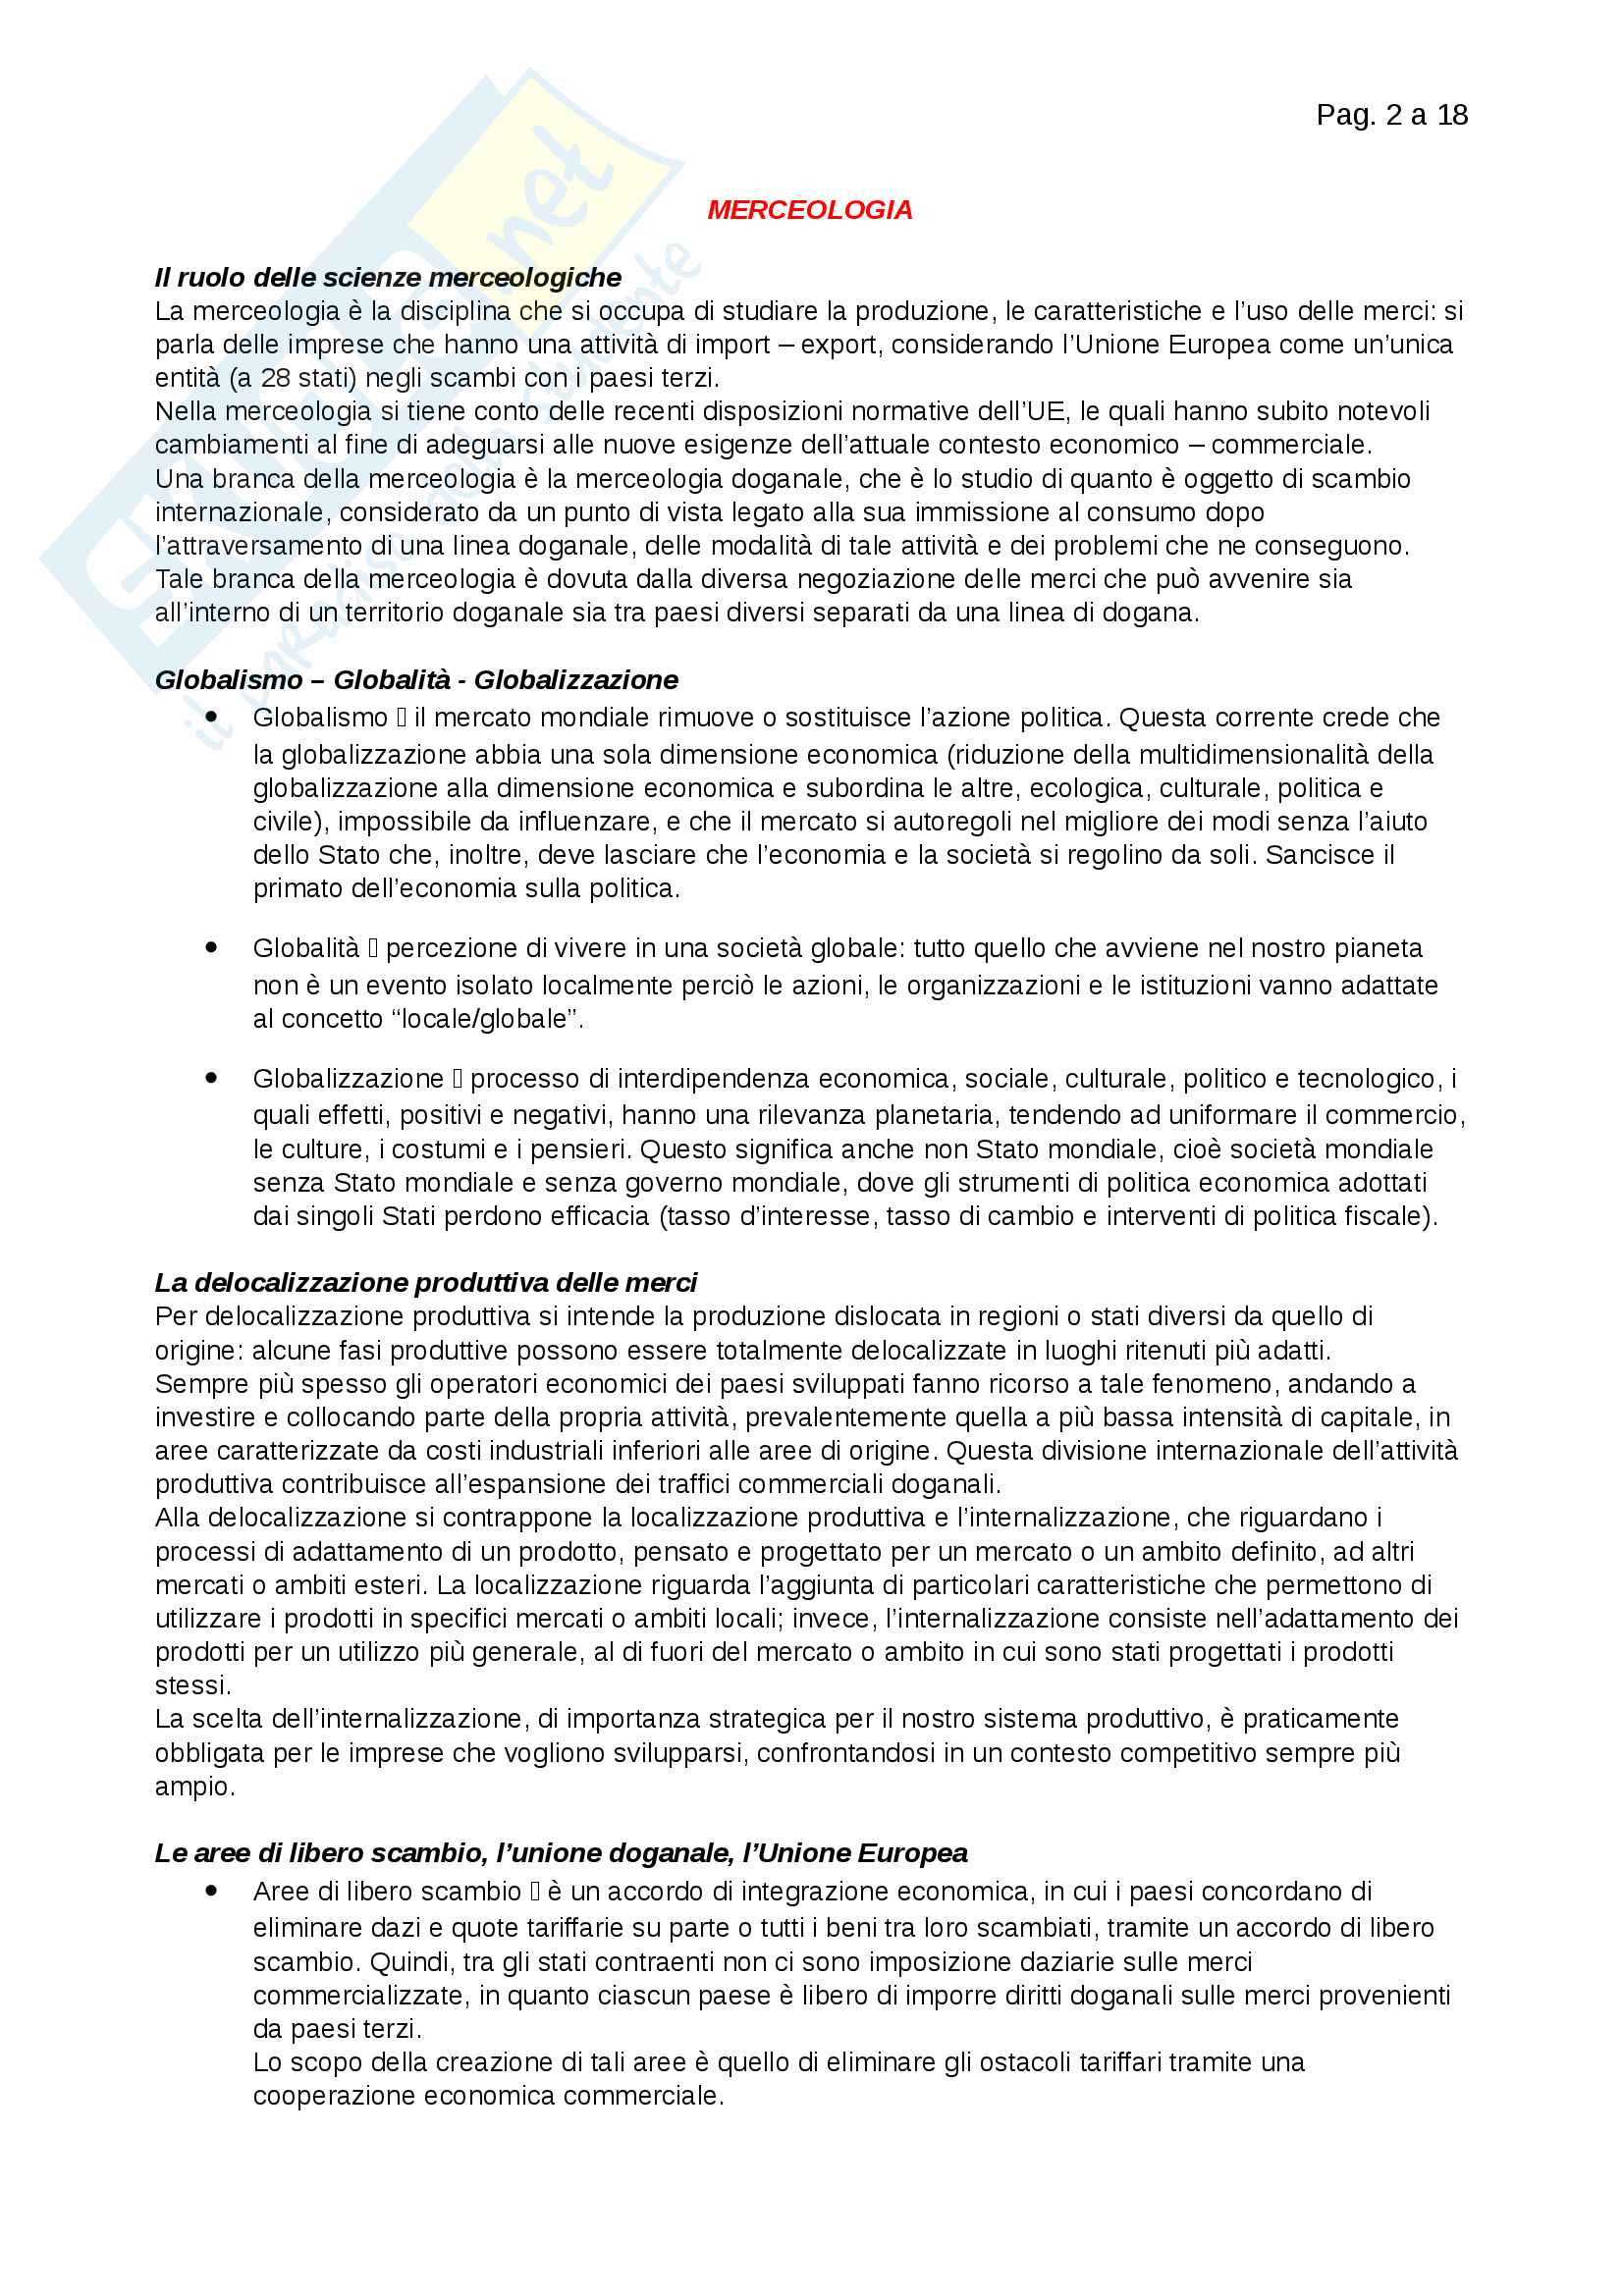 Riassunti Merceologia Pag. 2